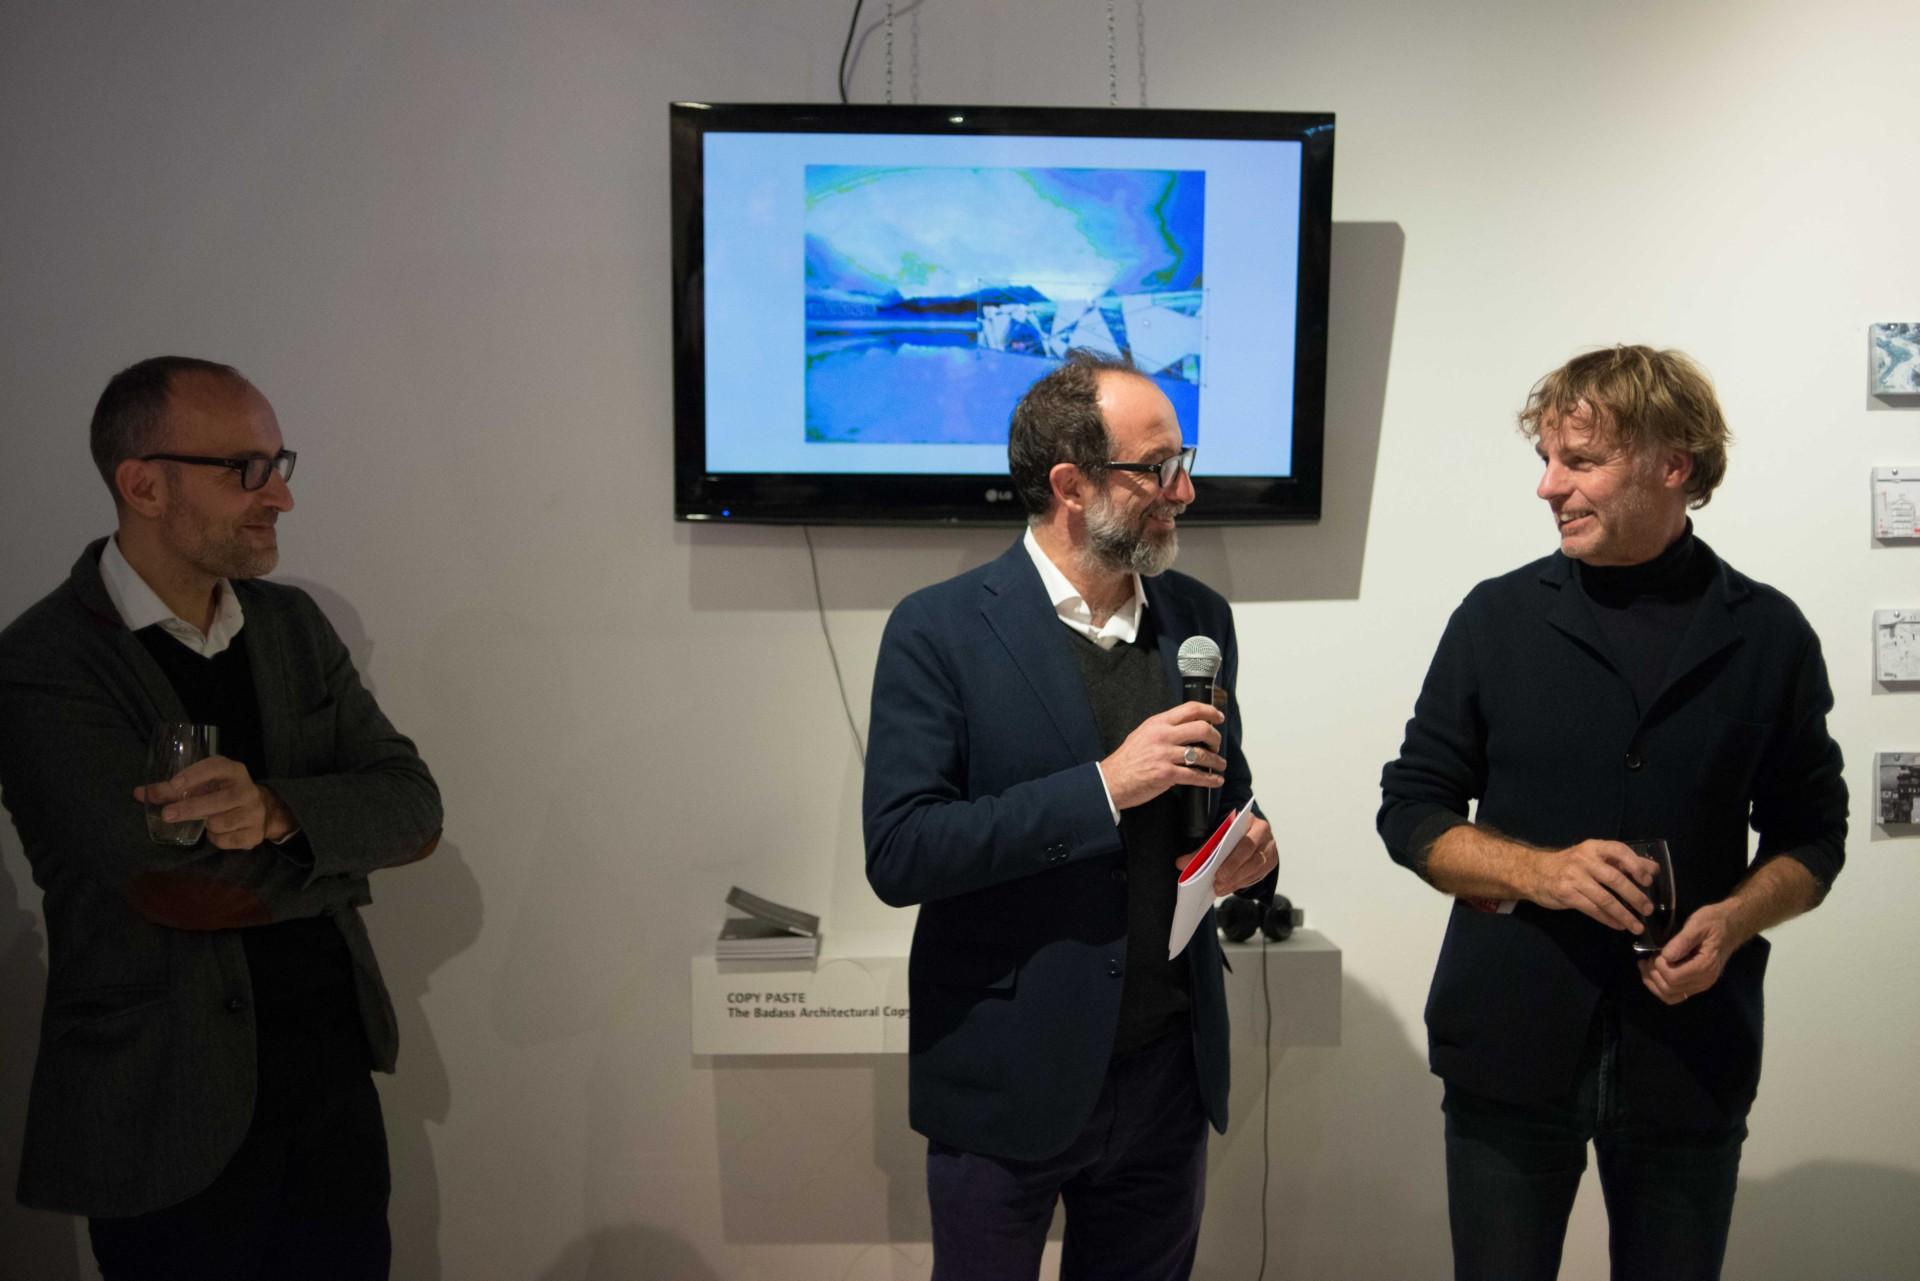 Winy Maas et l'expérience de The Why Factory au SpazioFMG